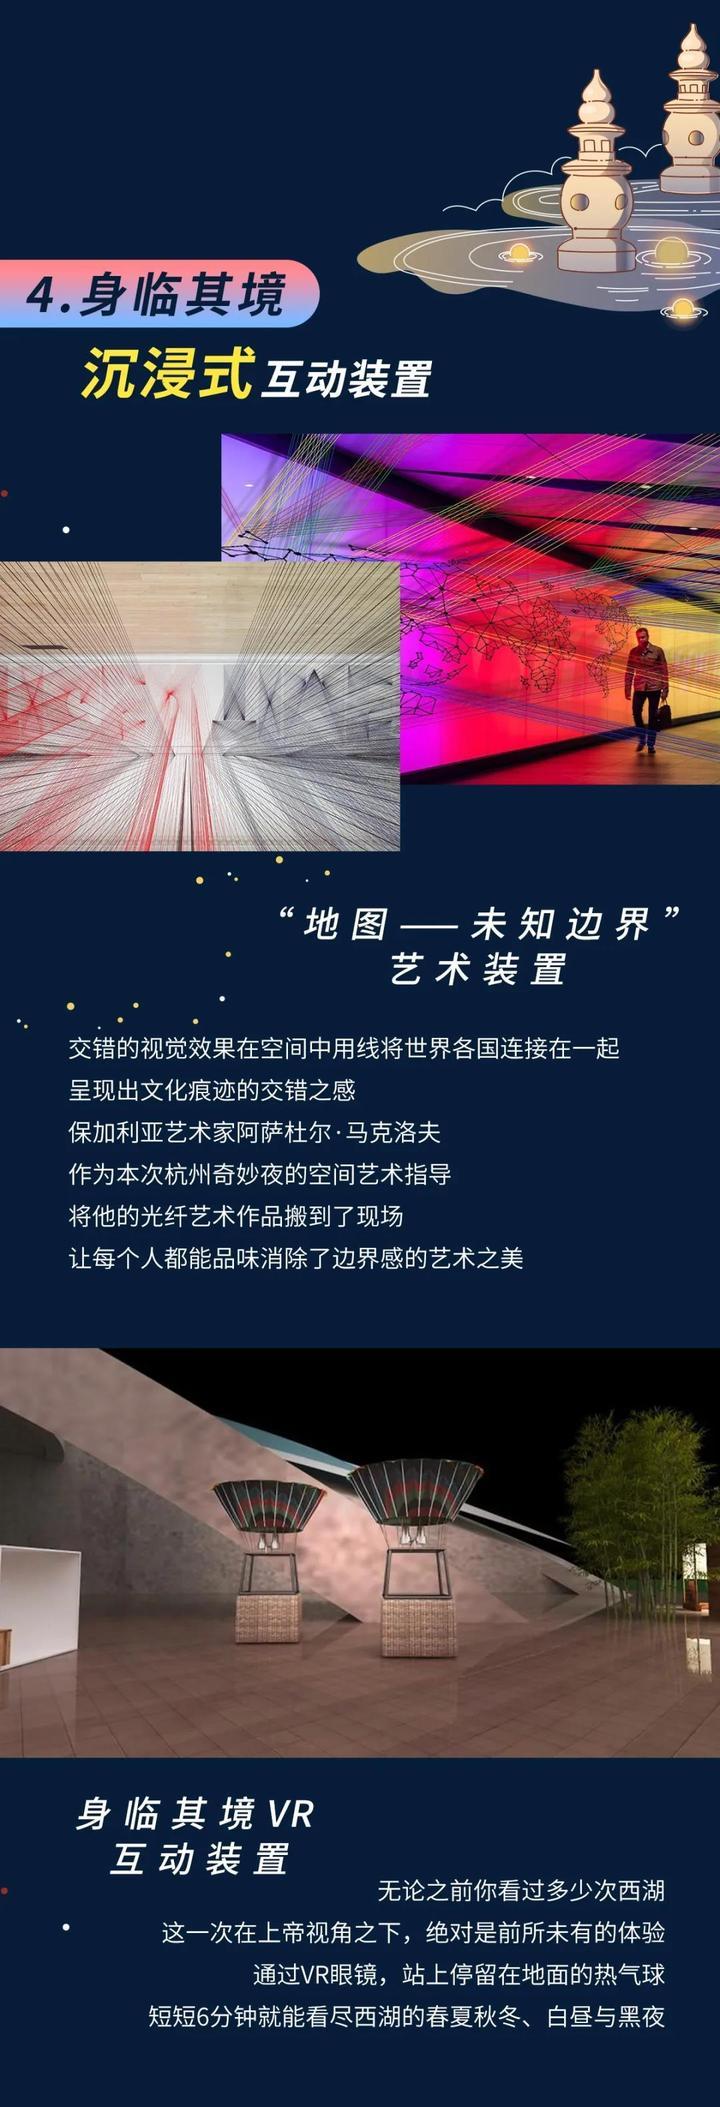 微信图片_20200812111748.jpg